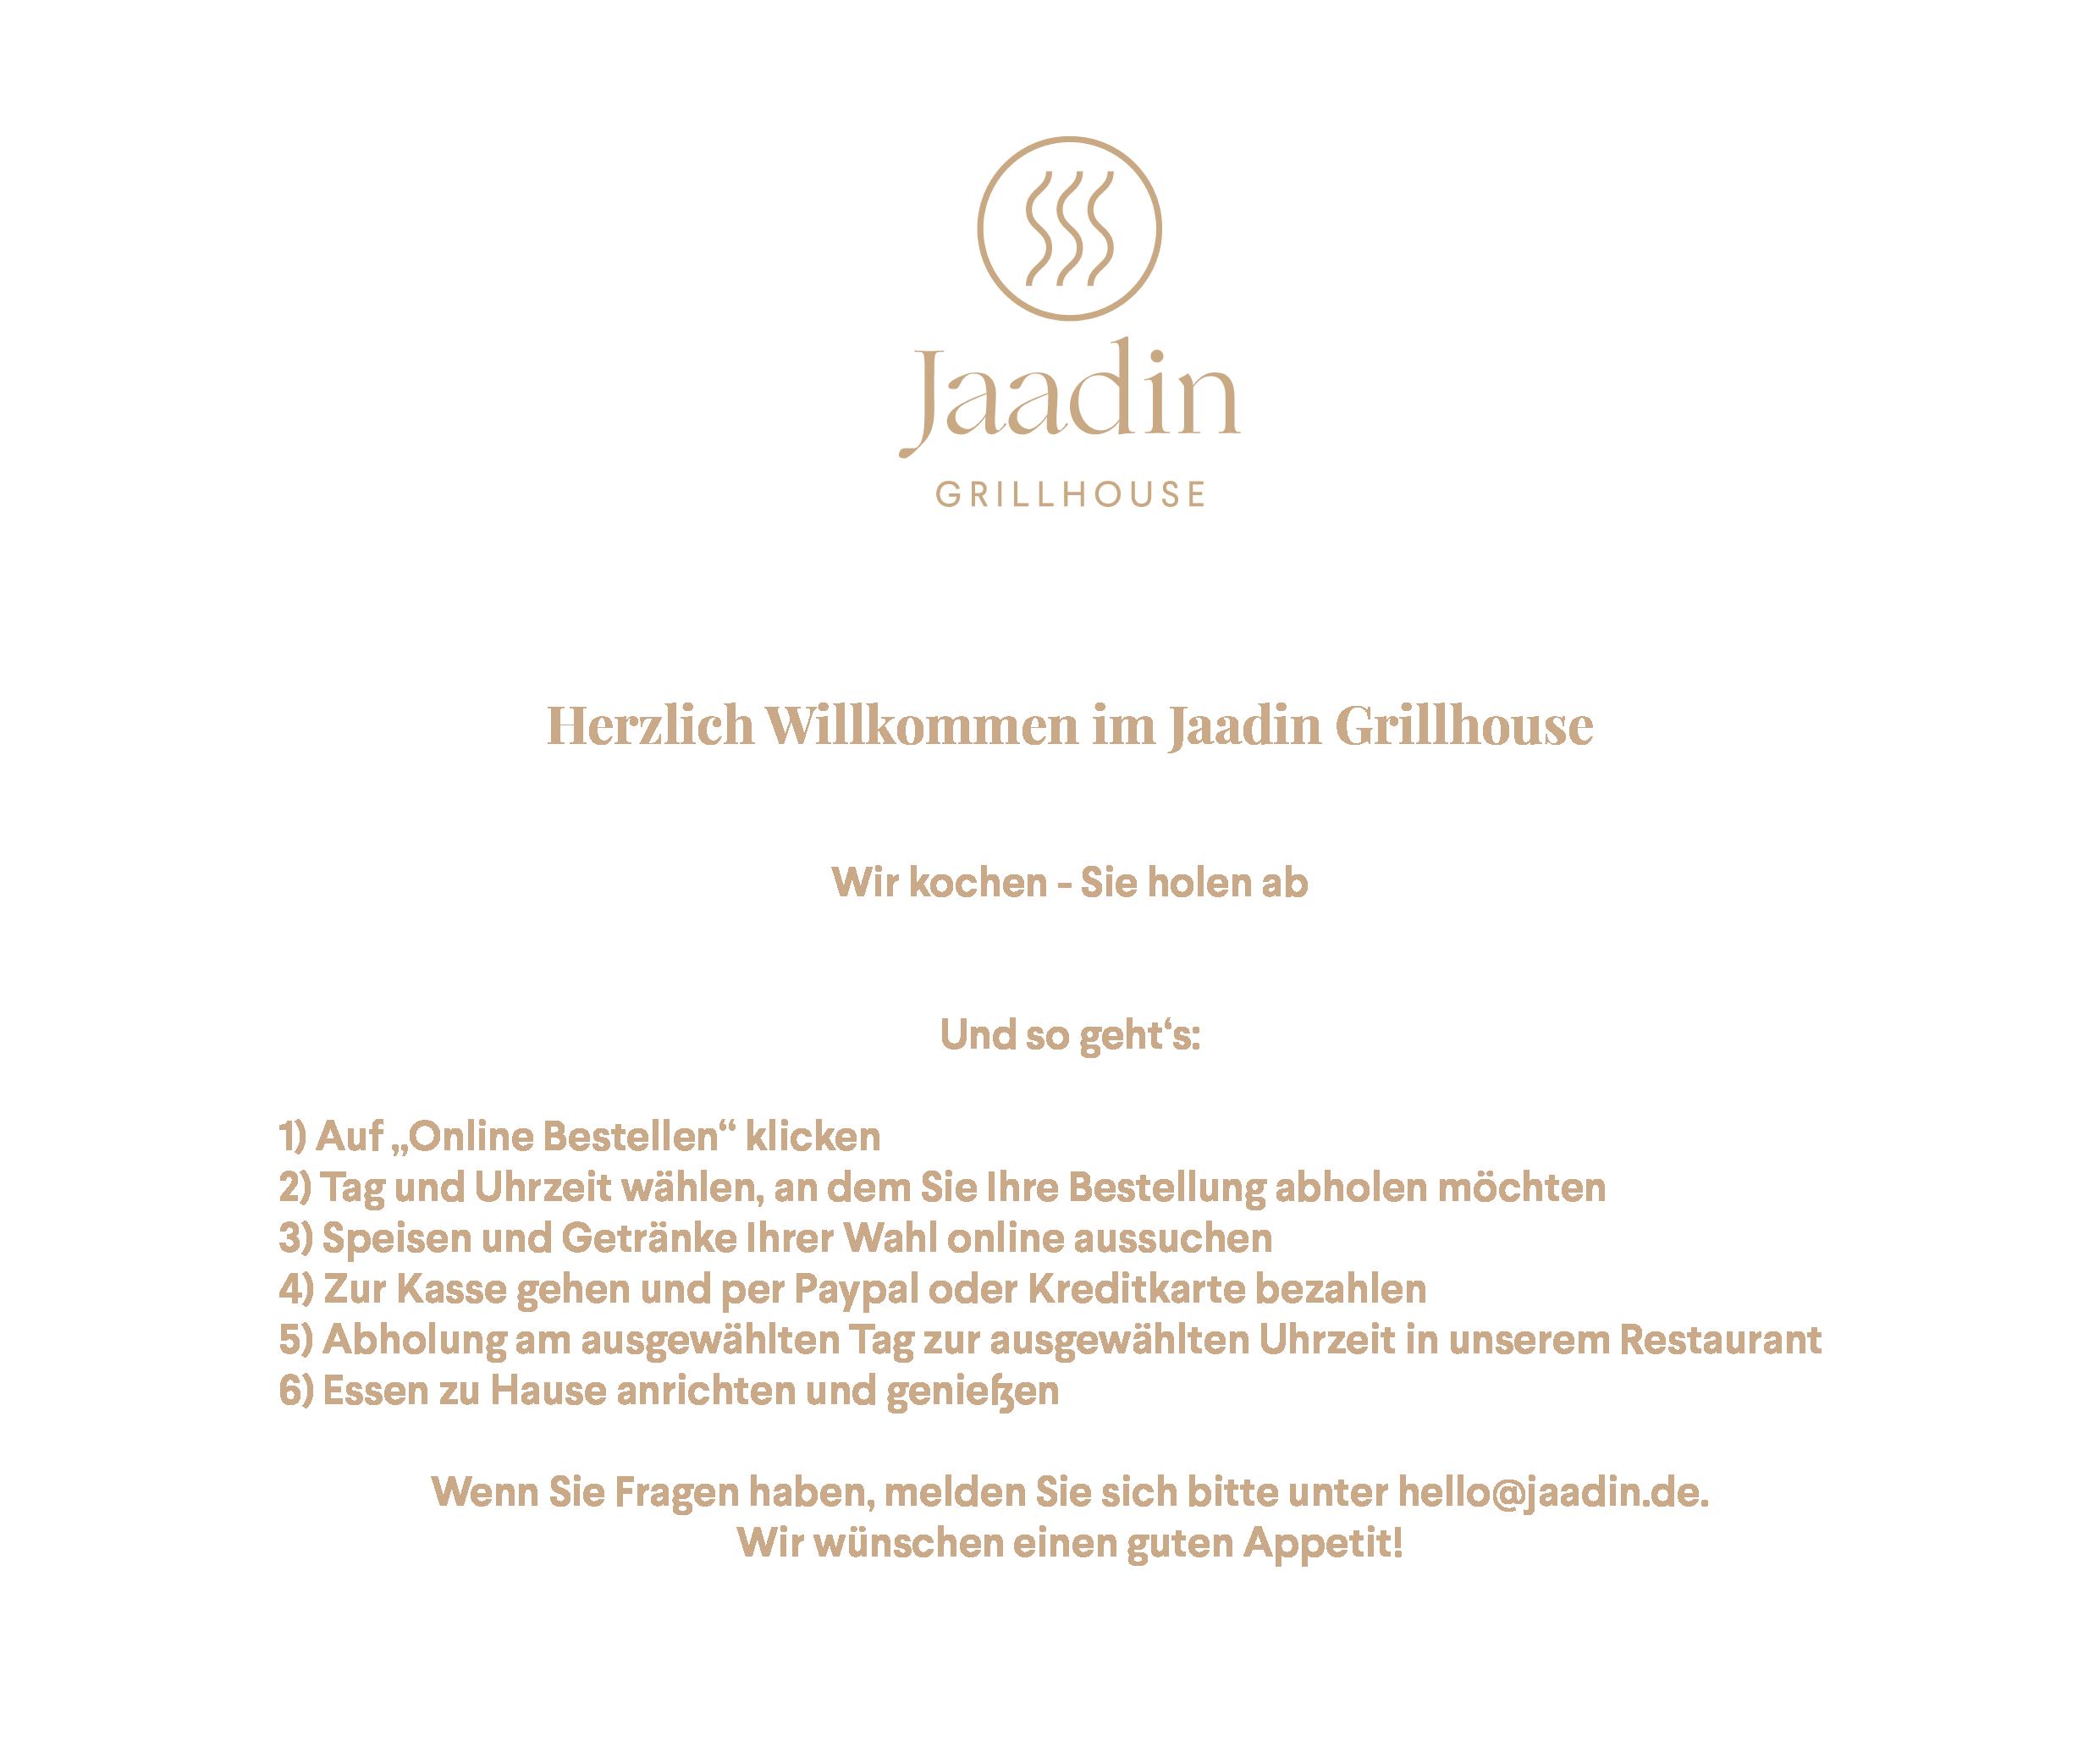 Logo - Jaadin Grillhouse